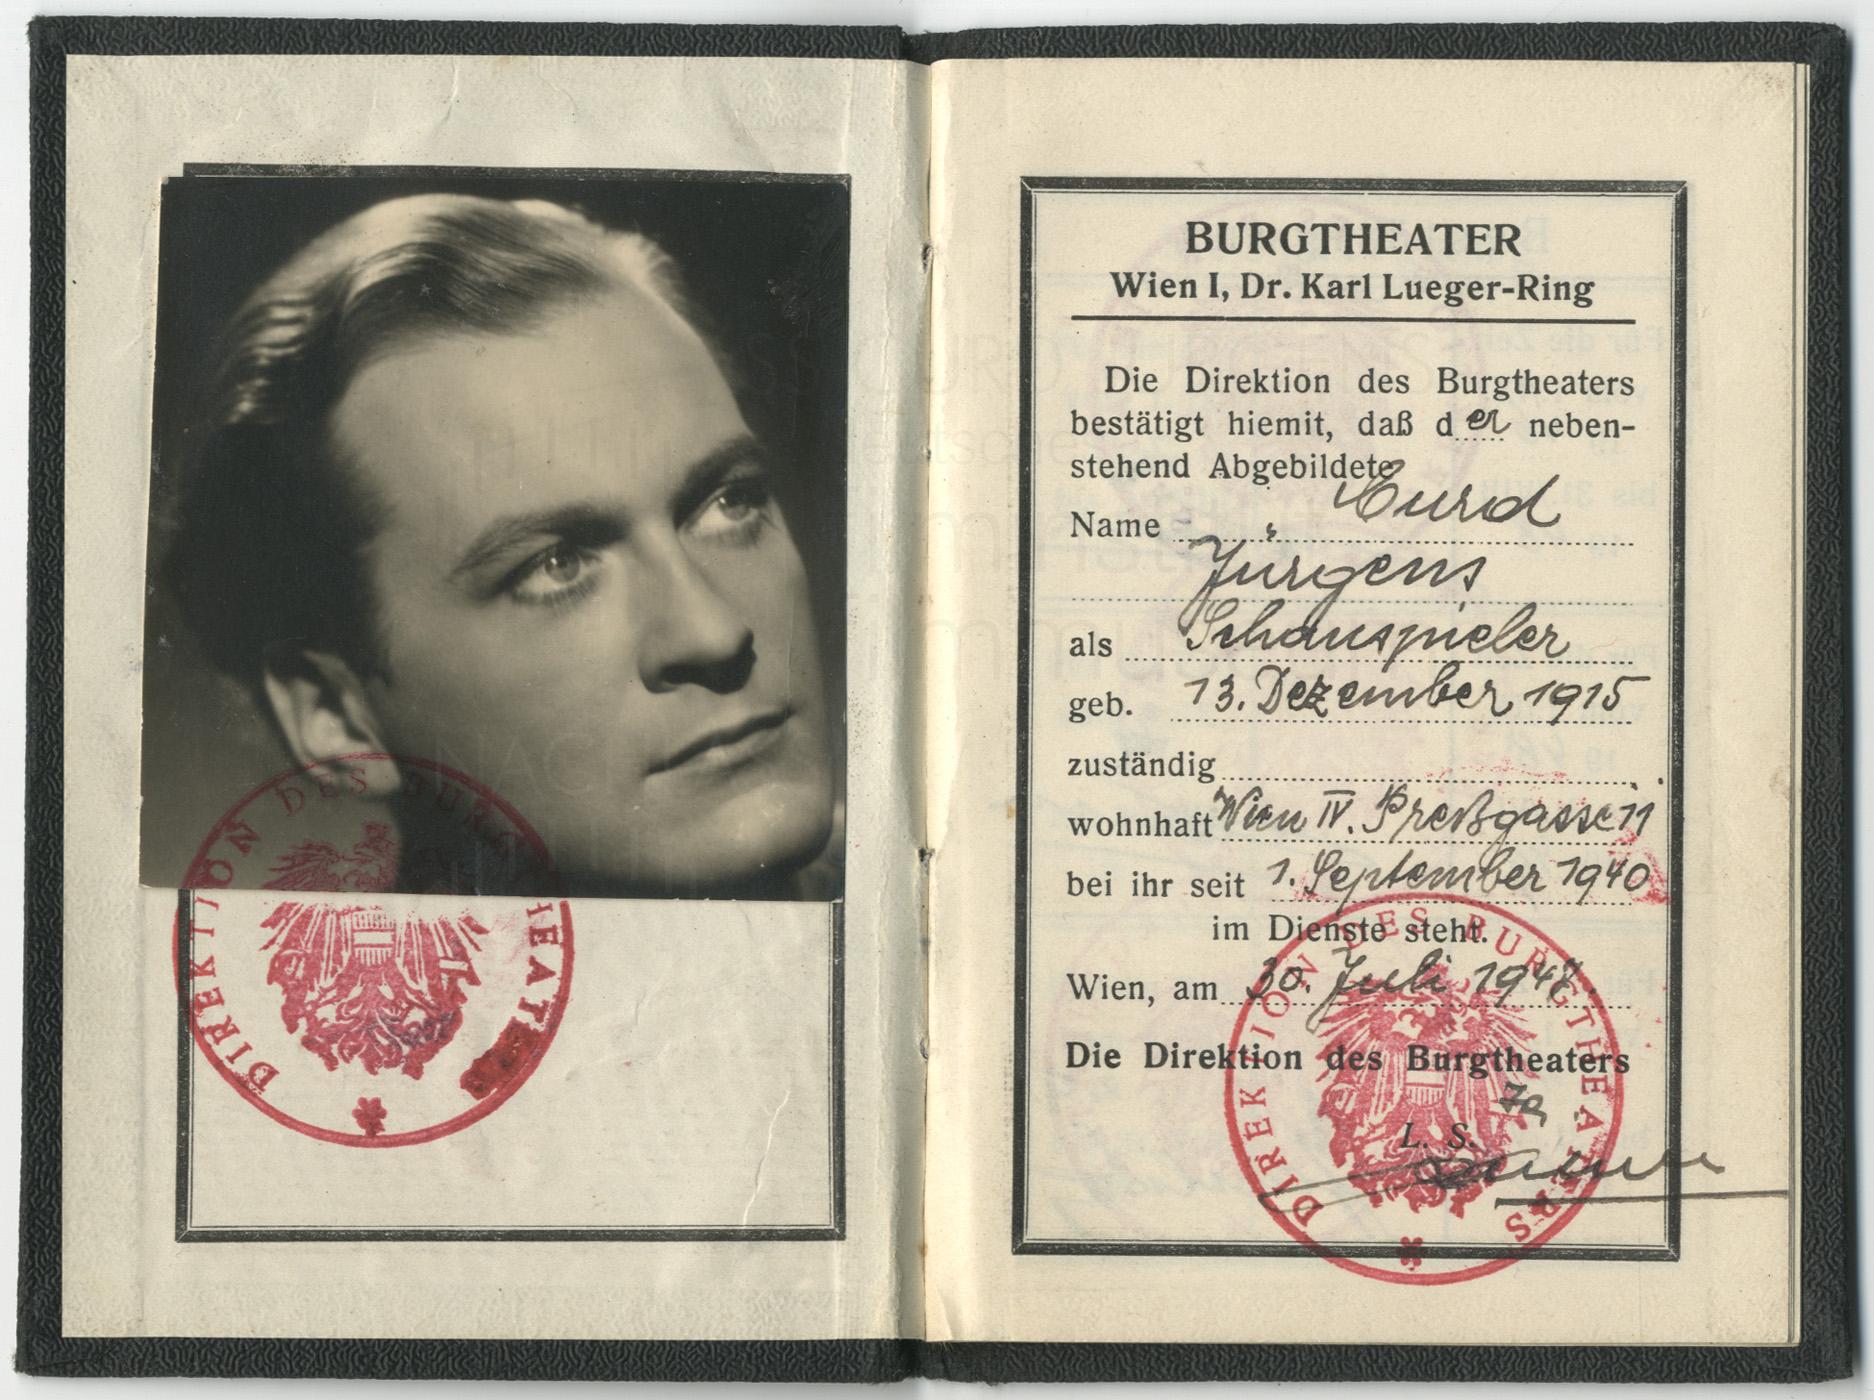 Burgtheater-Ausweis, 1947